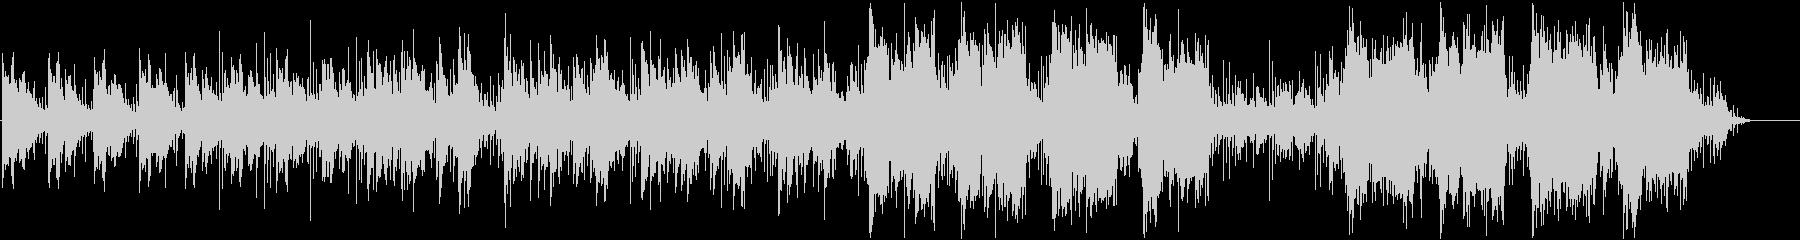 神秘的なヒーリングBGMミュージックの未再生の波形